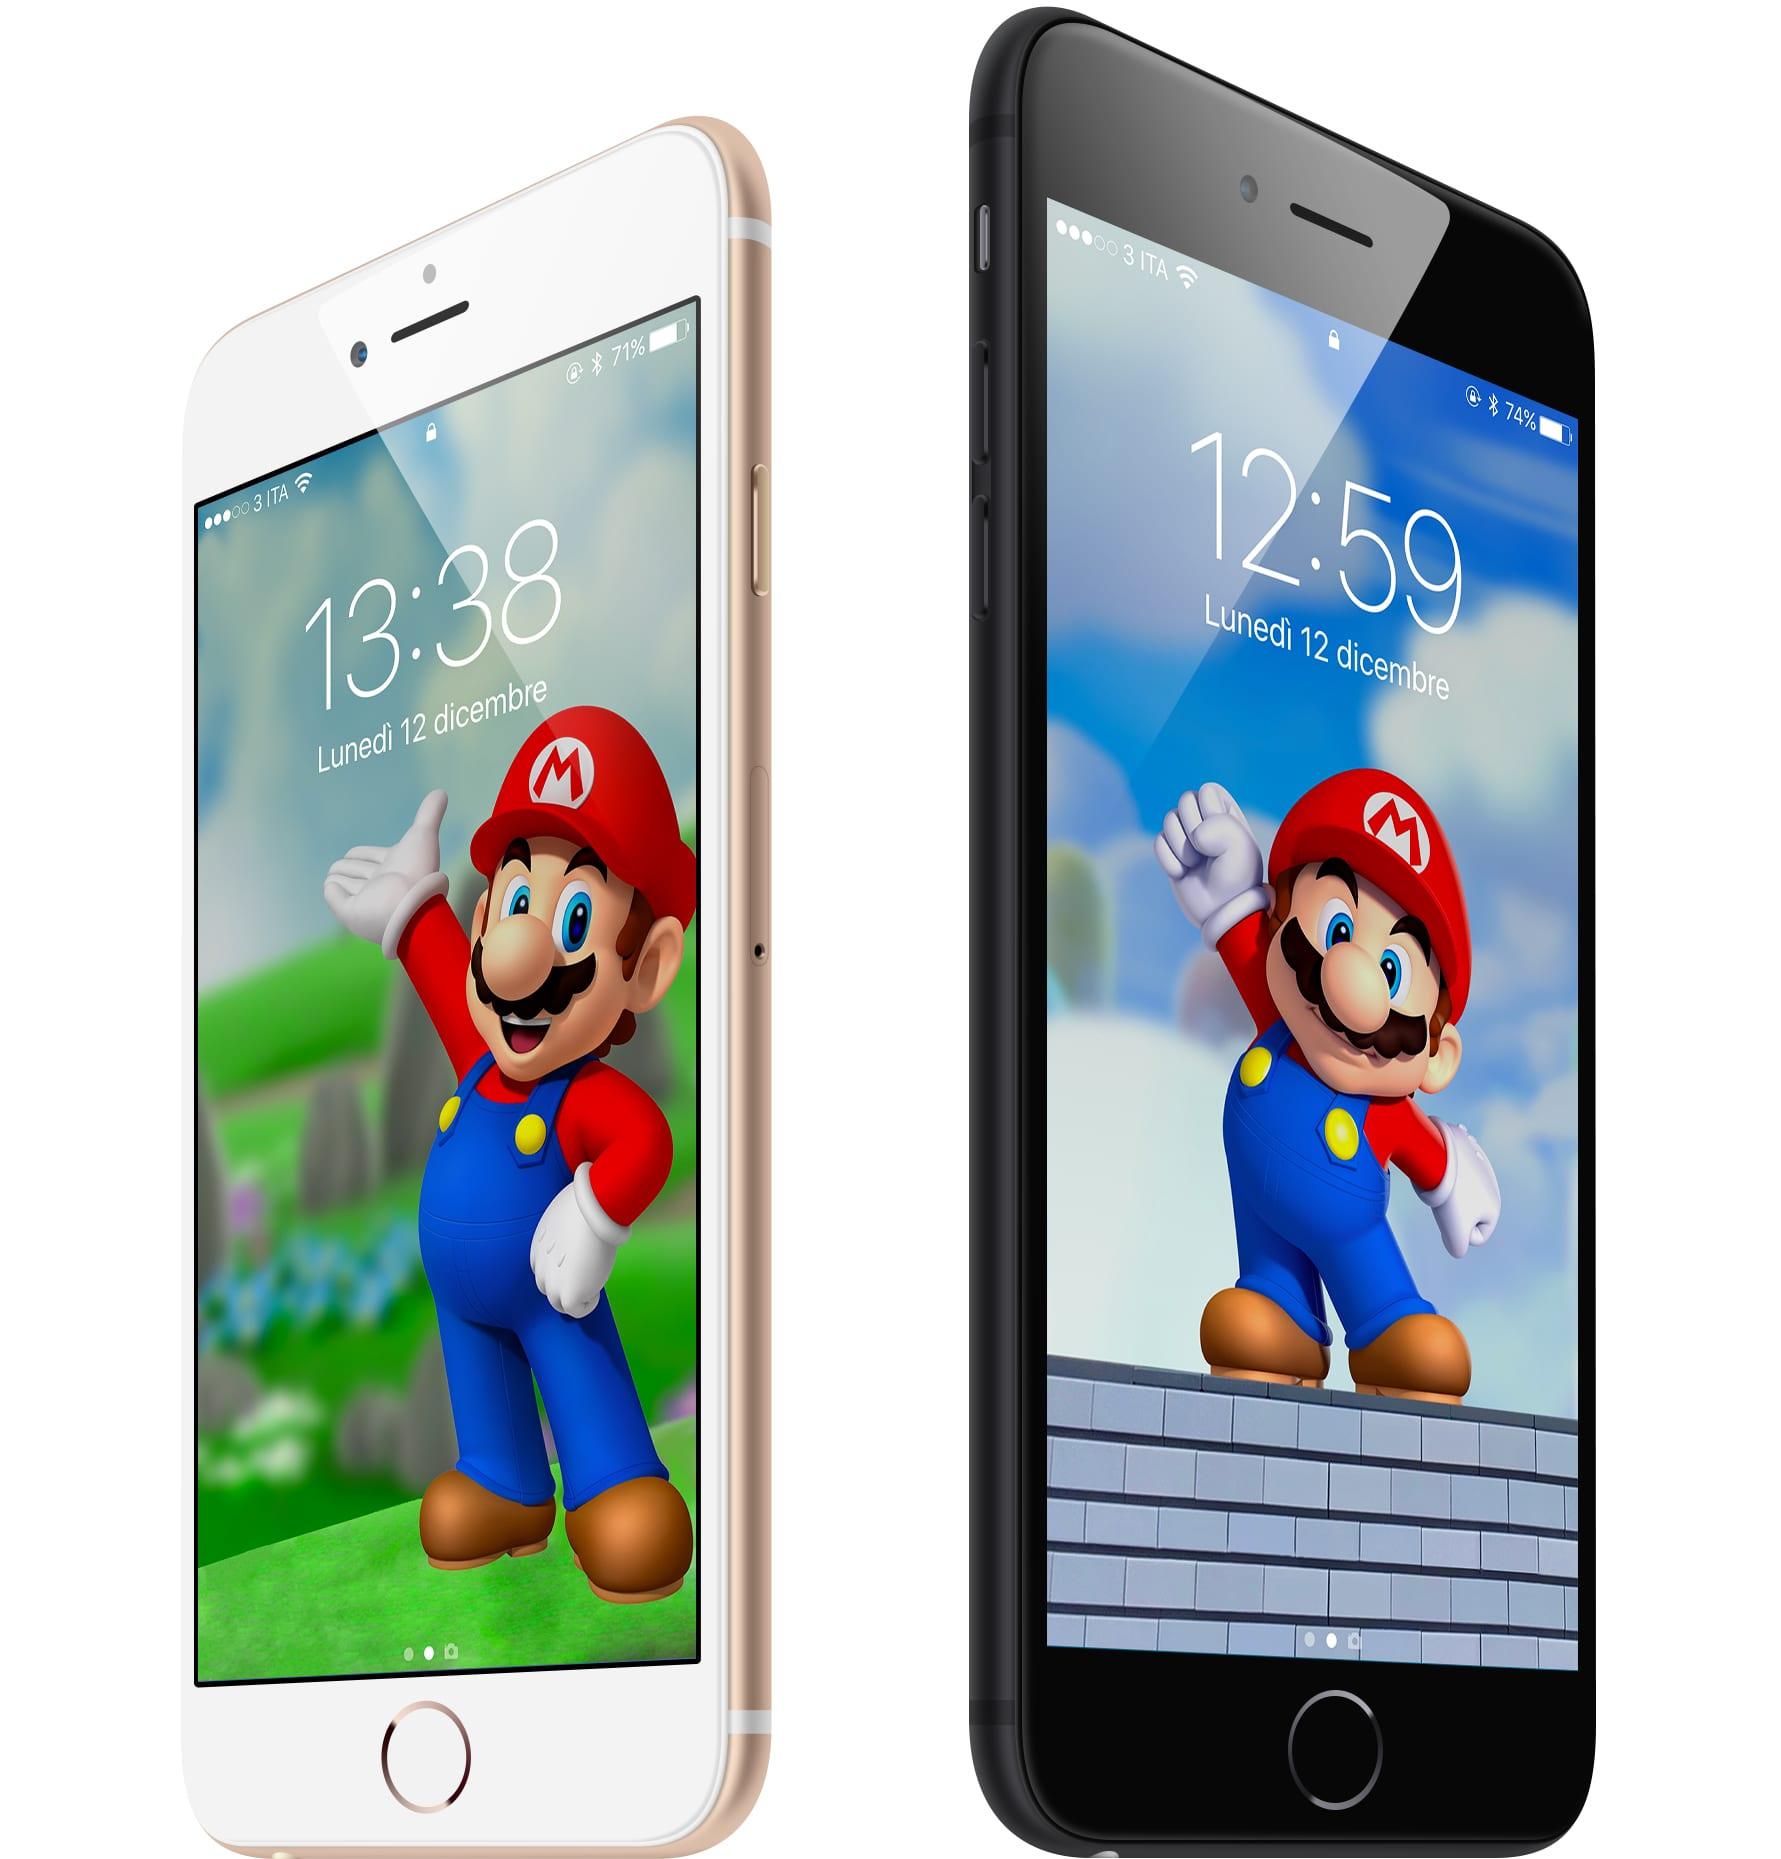 #WallpaperSelection #114: Ecco gli sfondi di Super Mario realizzati da iSpazio, da scaricare sui vostri iPhone